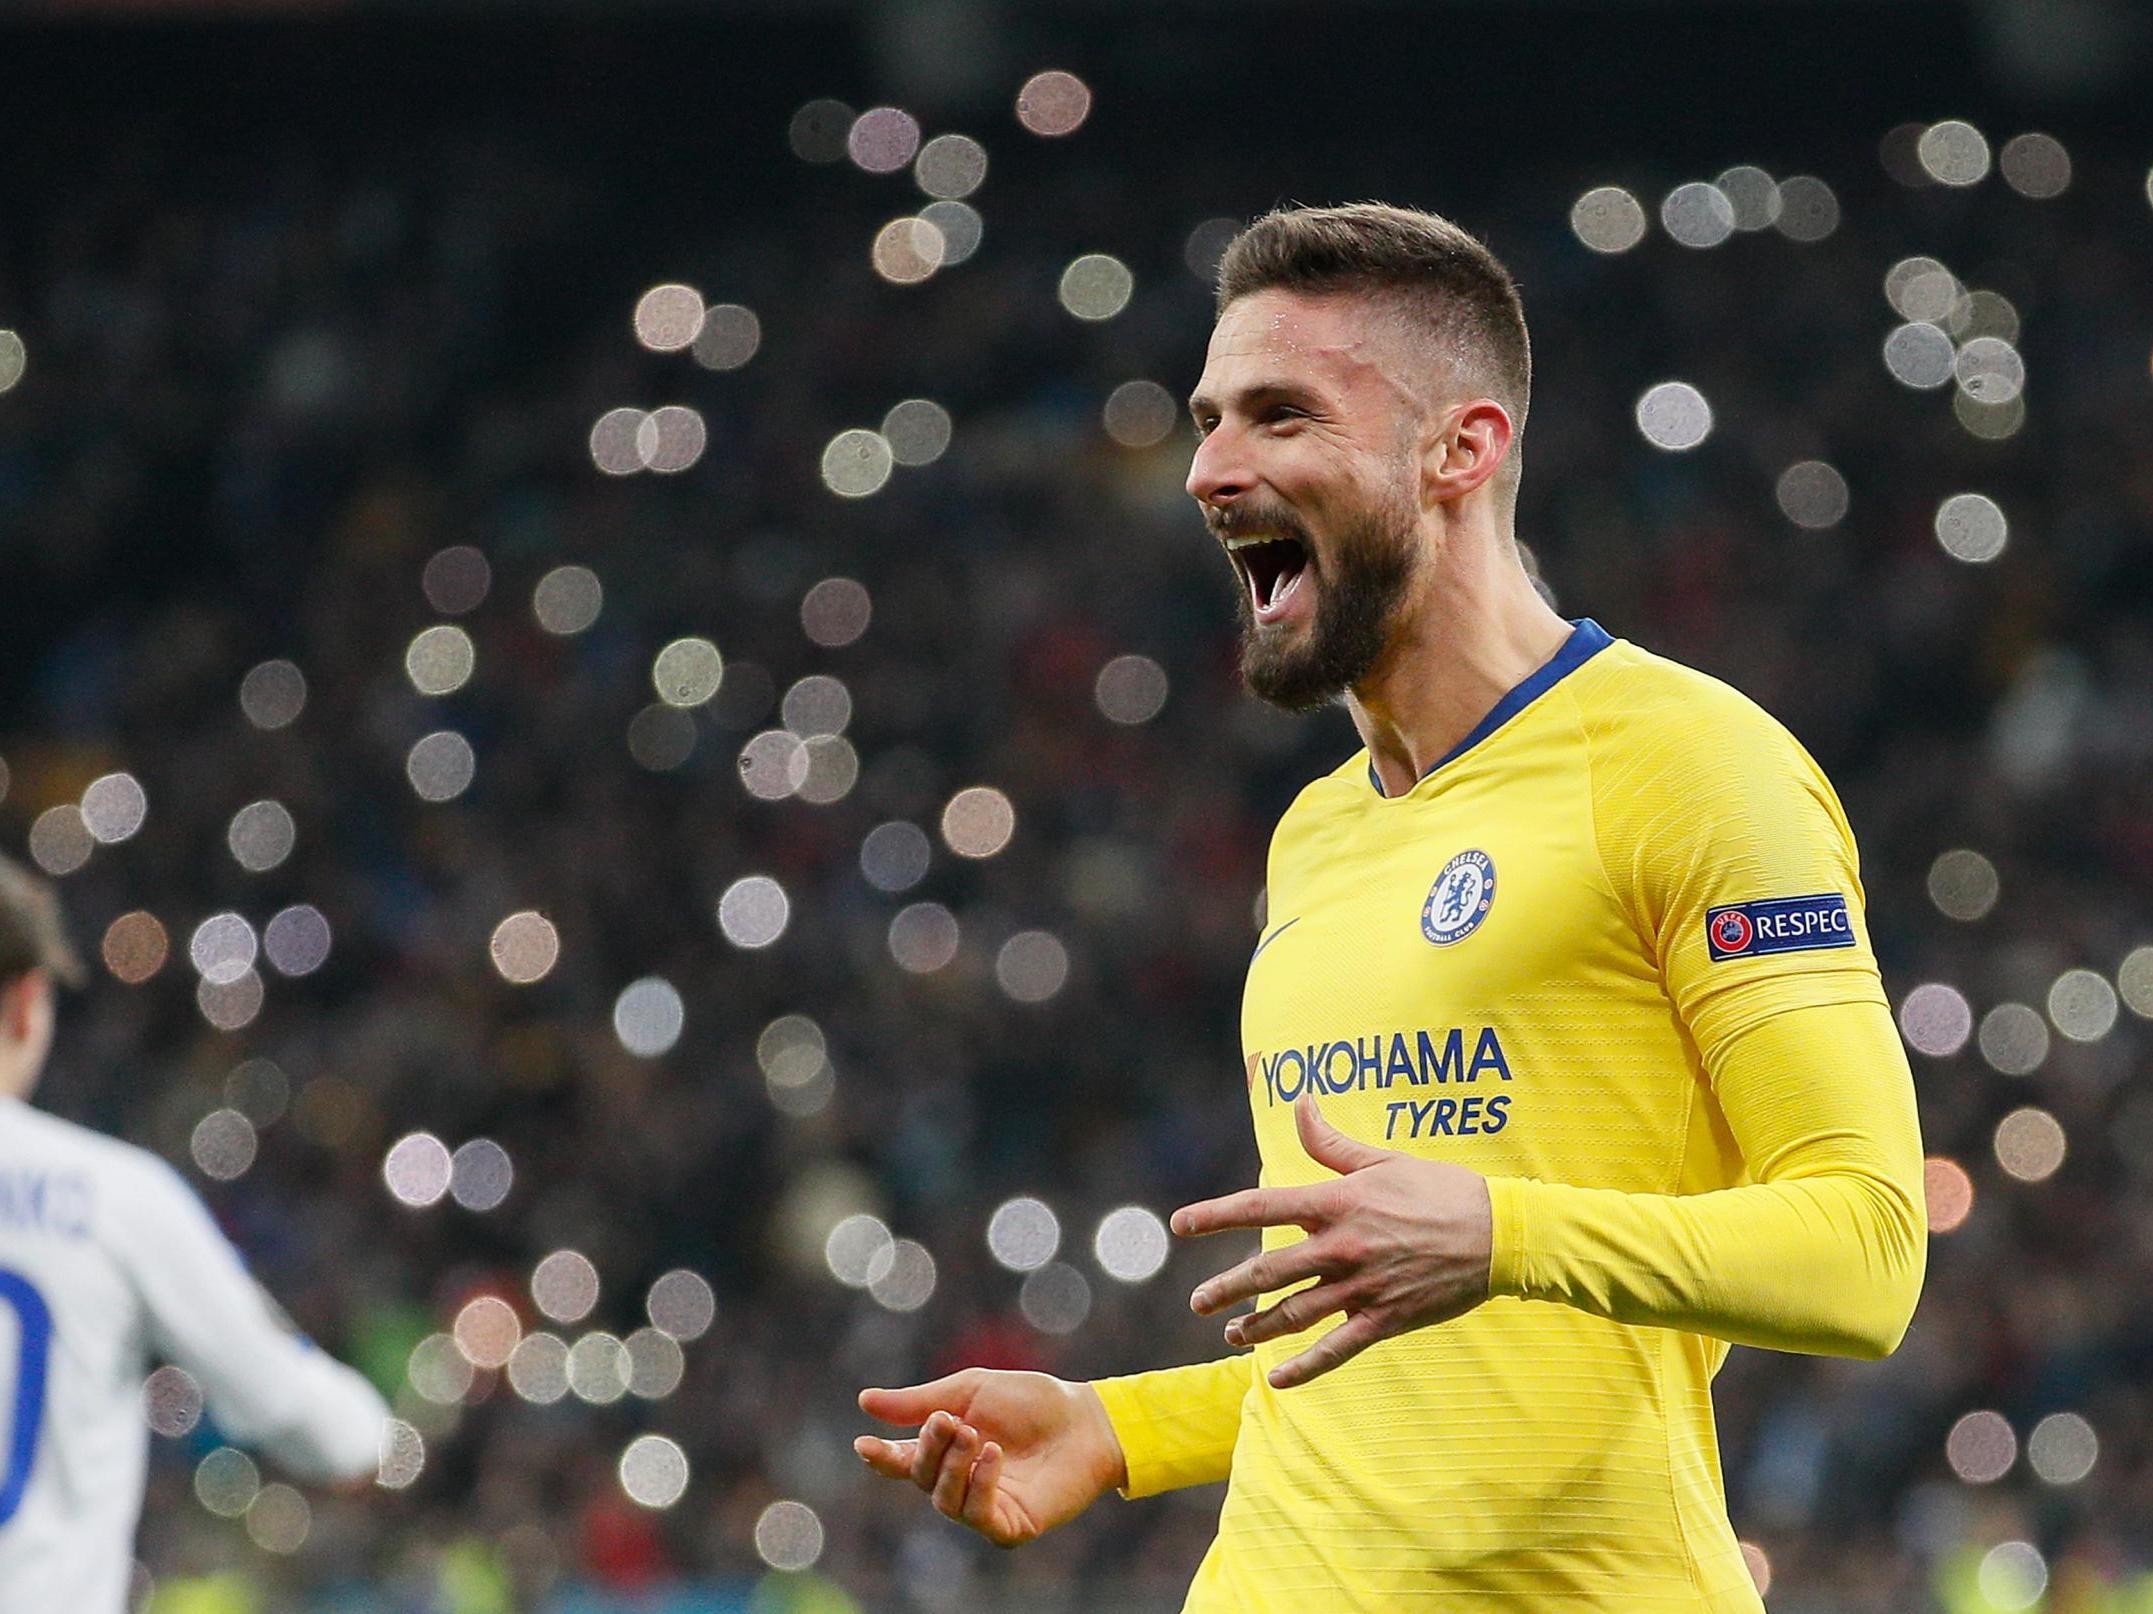 Dynamo Kyjev – Chelsea Facebook: Chelsea Brush Off Dynamo Kiev To Reach Europa League